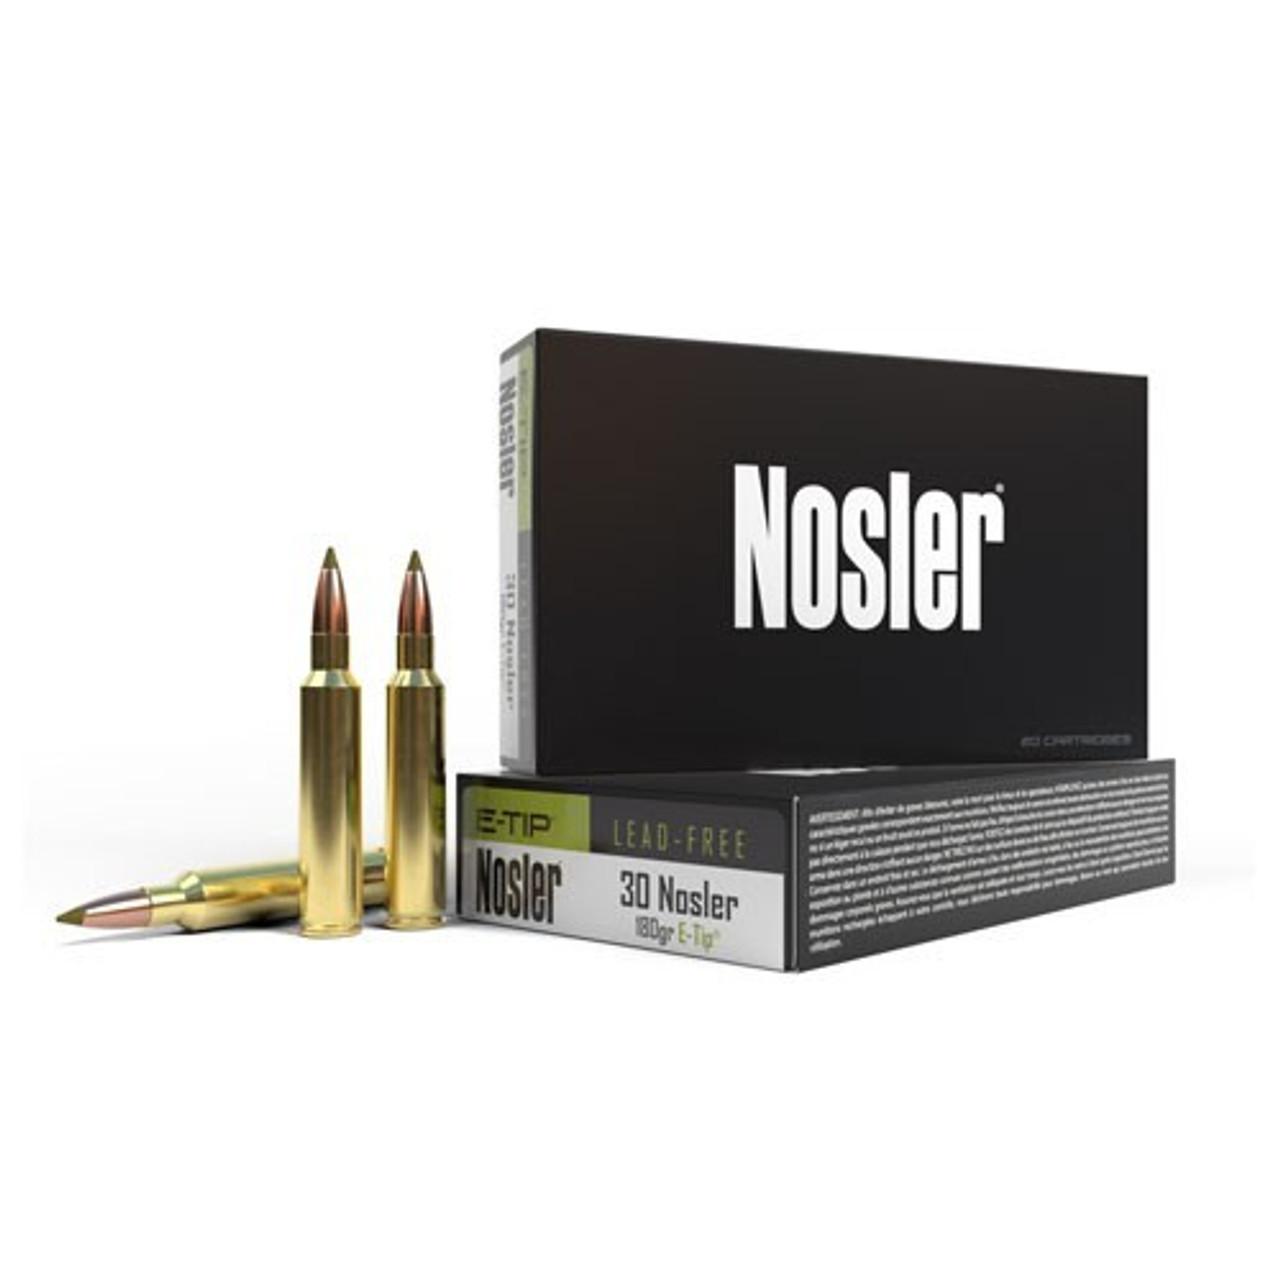 30 Nosler Ammo